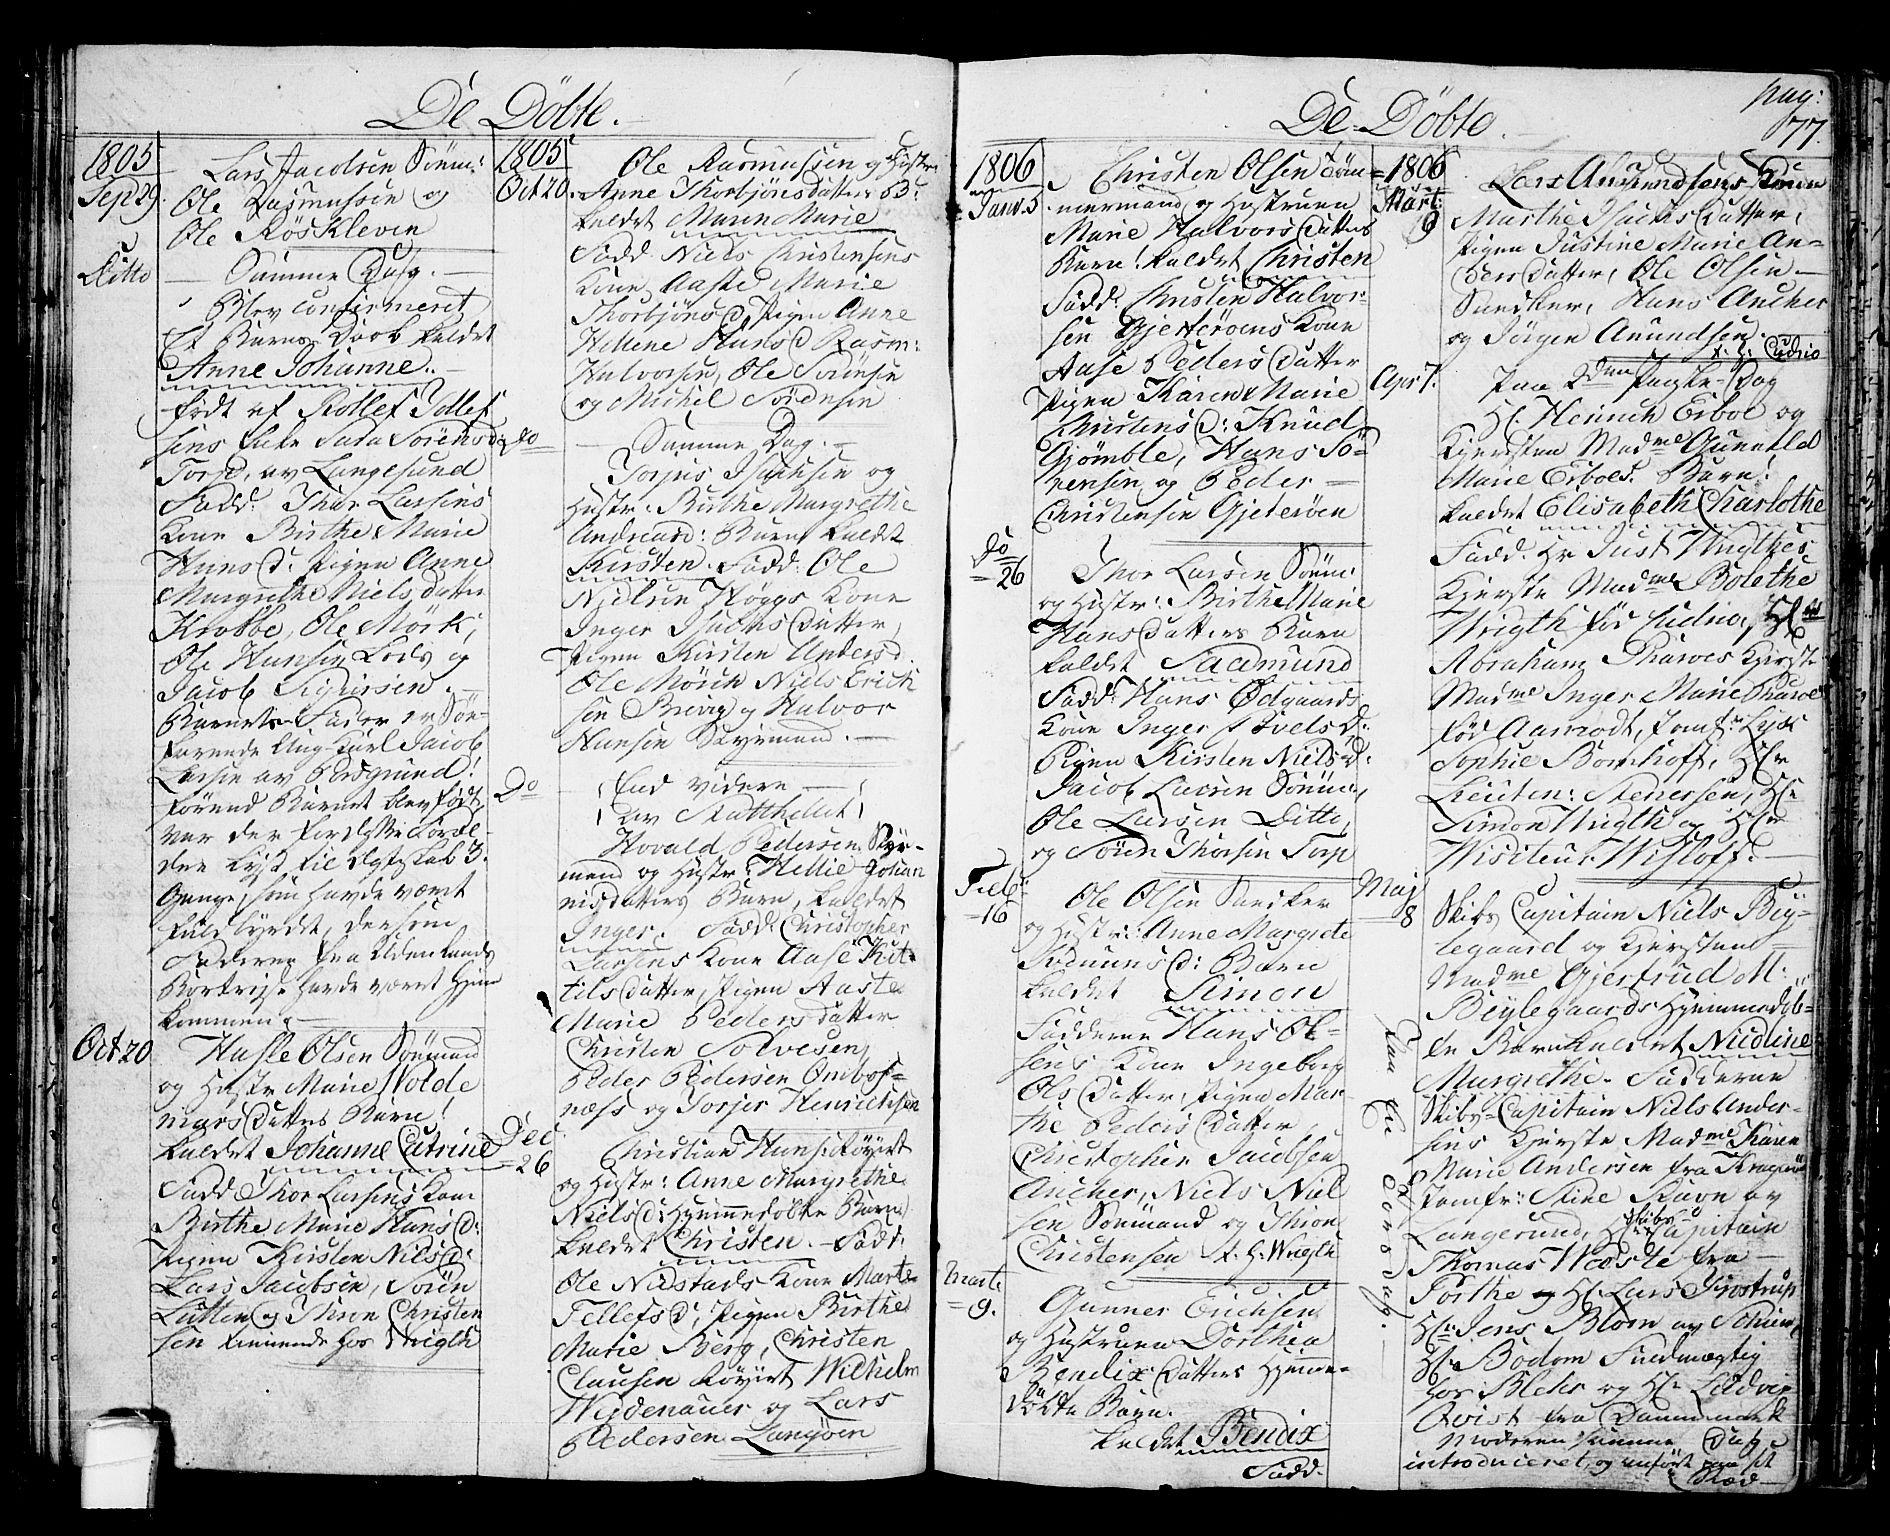 SAKO, Langesund kirkebøker, G/Ga/L0002: Klokkerbok nr. 2, 1801-1815, s. 77